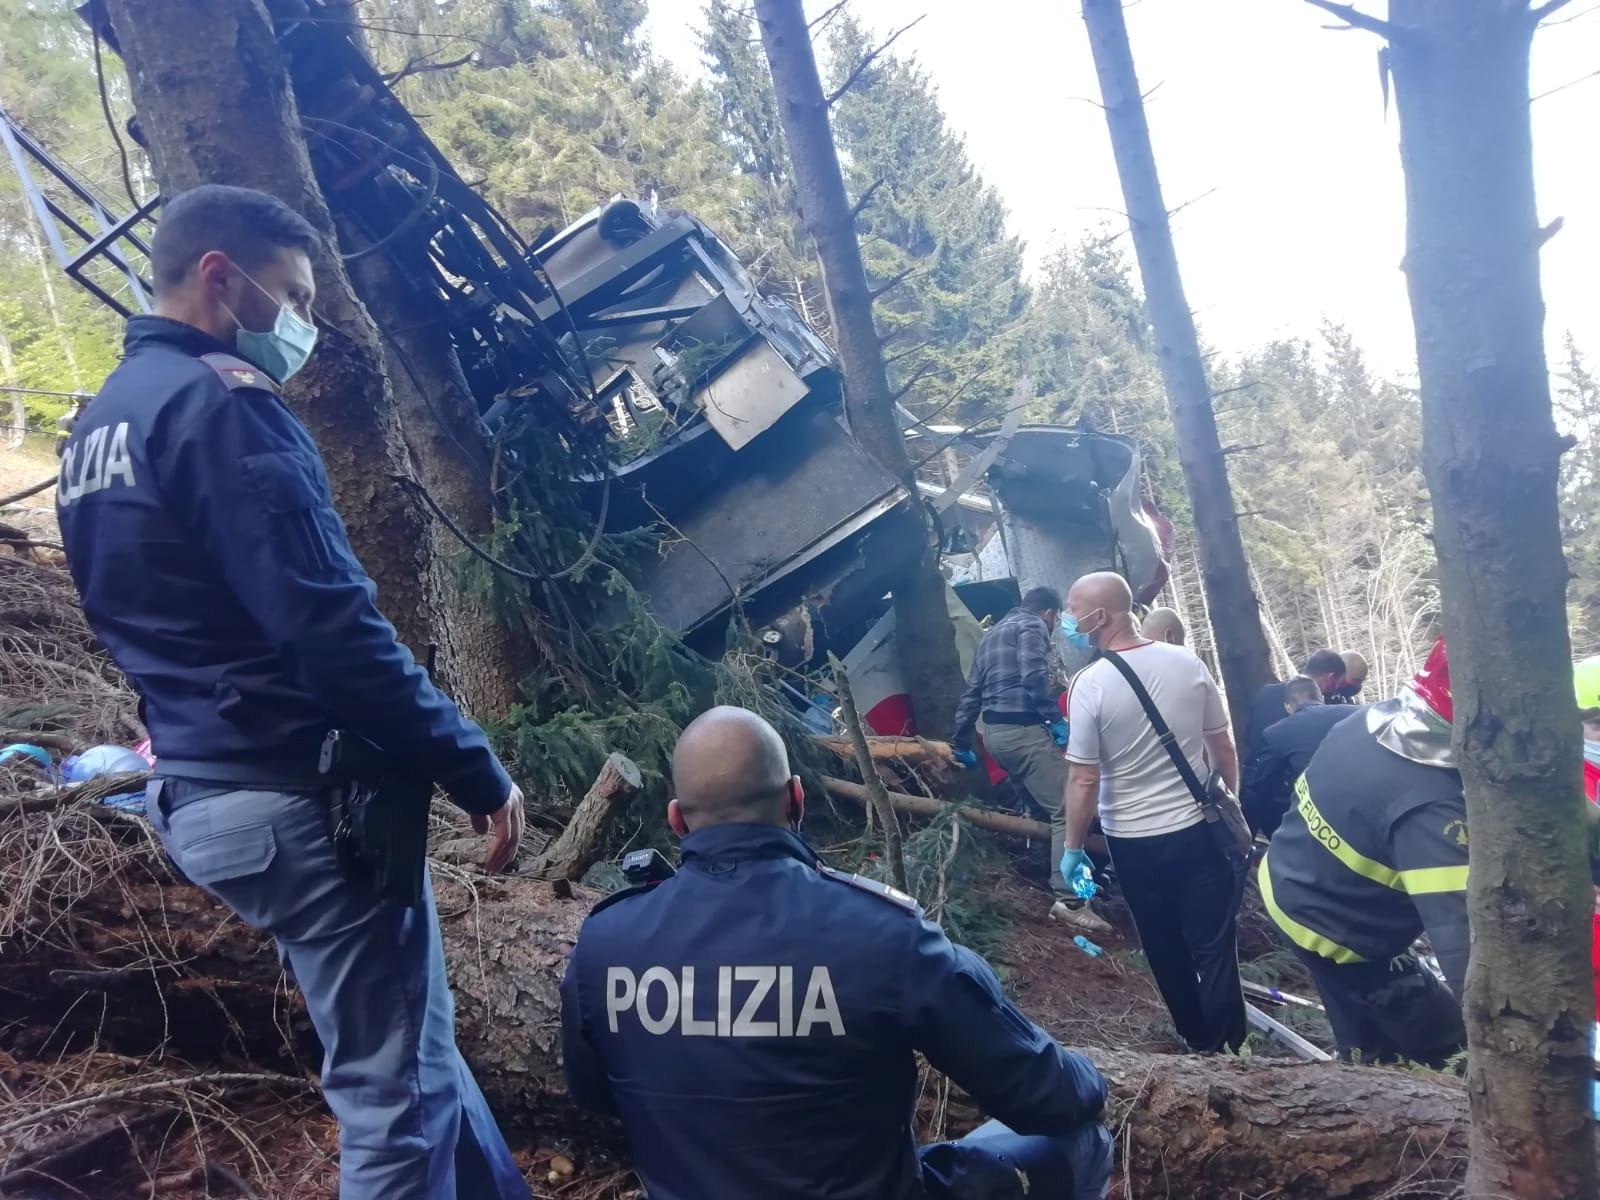 Πτώση τελεφερίκ στην Ιταλία: Βίντεο – ντοκουμέντο από την τραγωδία με τους 14 νεκρούς